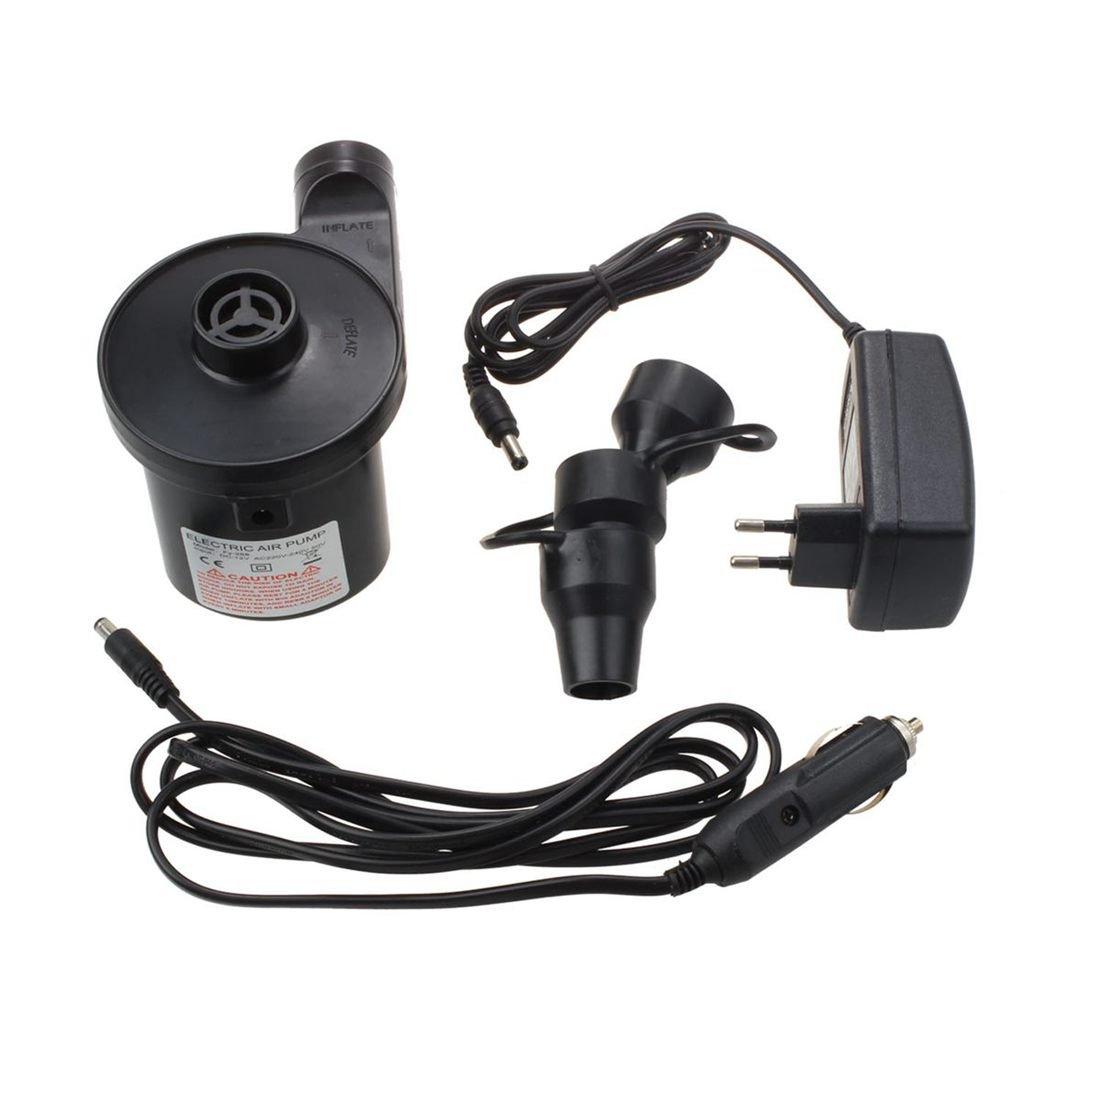 Nrpfell Pompe a air Electrique Pompe Electrique avec 3 Accessoires pour Matelas pneumatiques,Gonflable Flottant ou Camping Pompage Automatique et Rapide de Haut en Bas